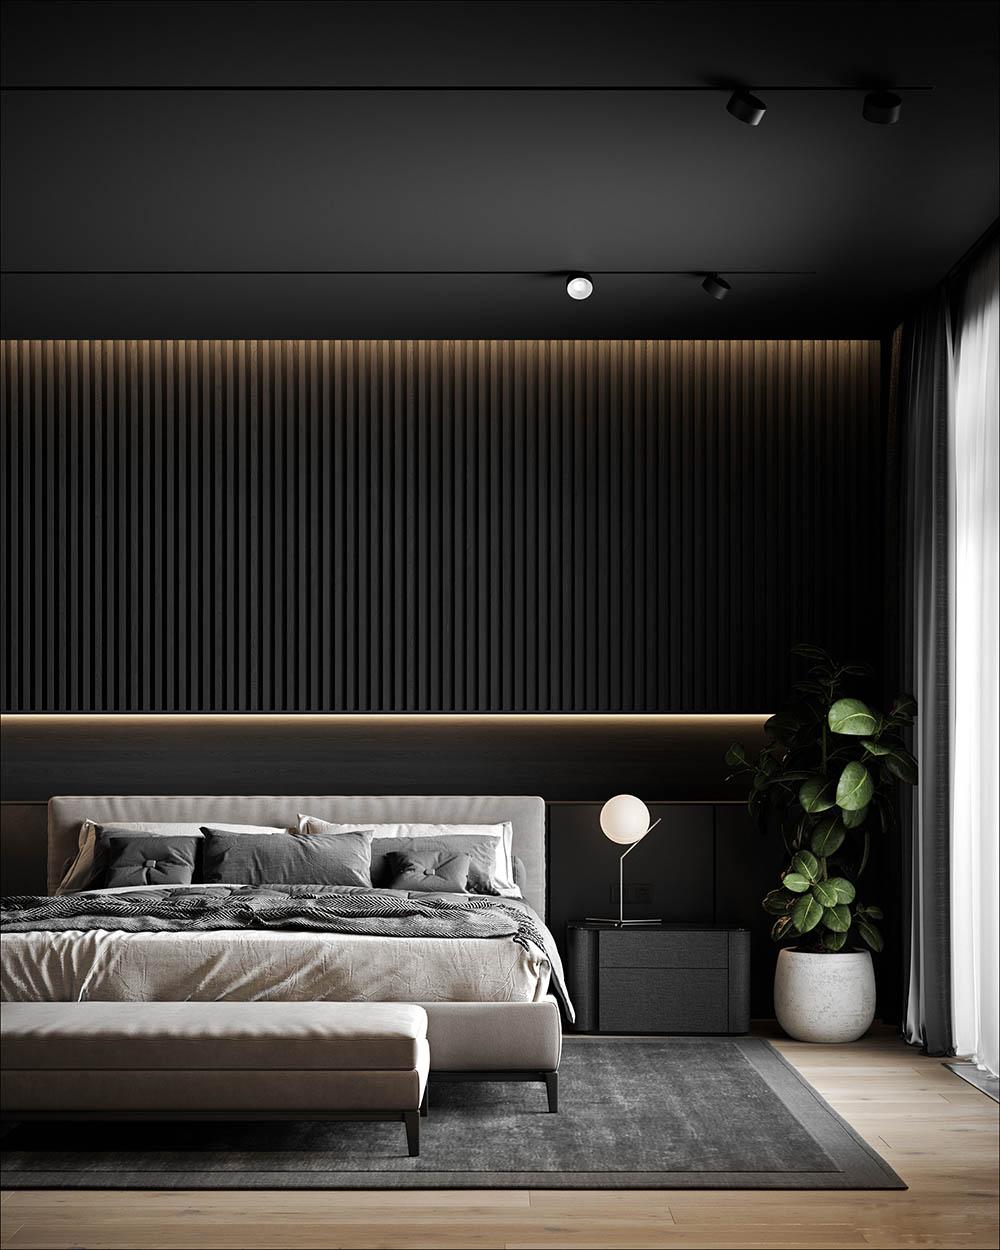 Thiết kế phòng có nền tường đen và nội thất màu ghi nhạt ấm áp